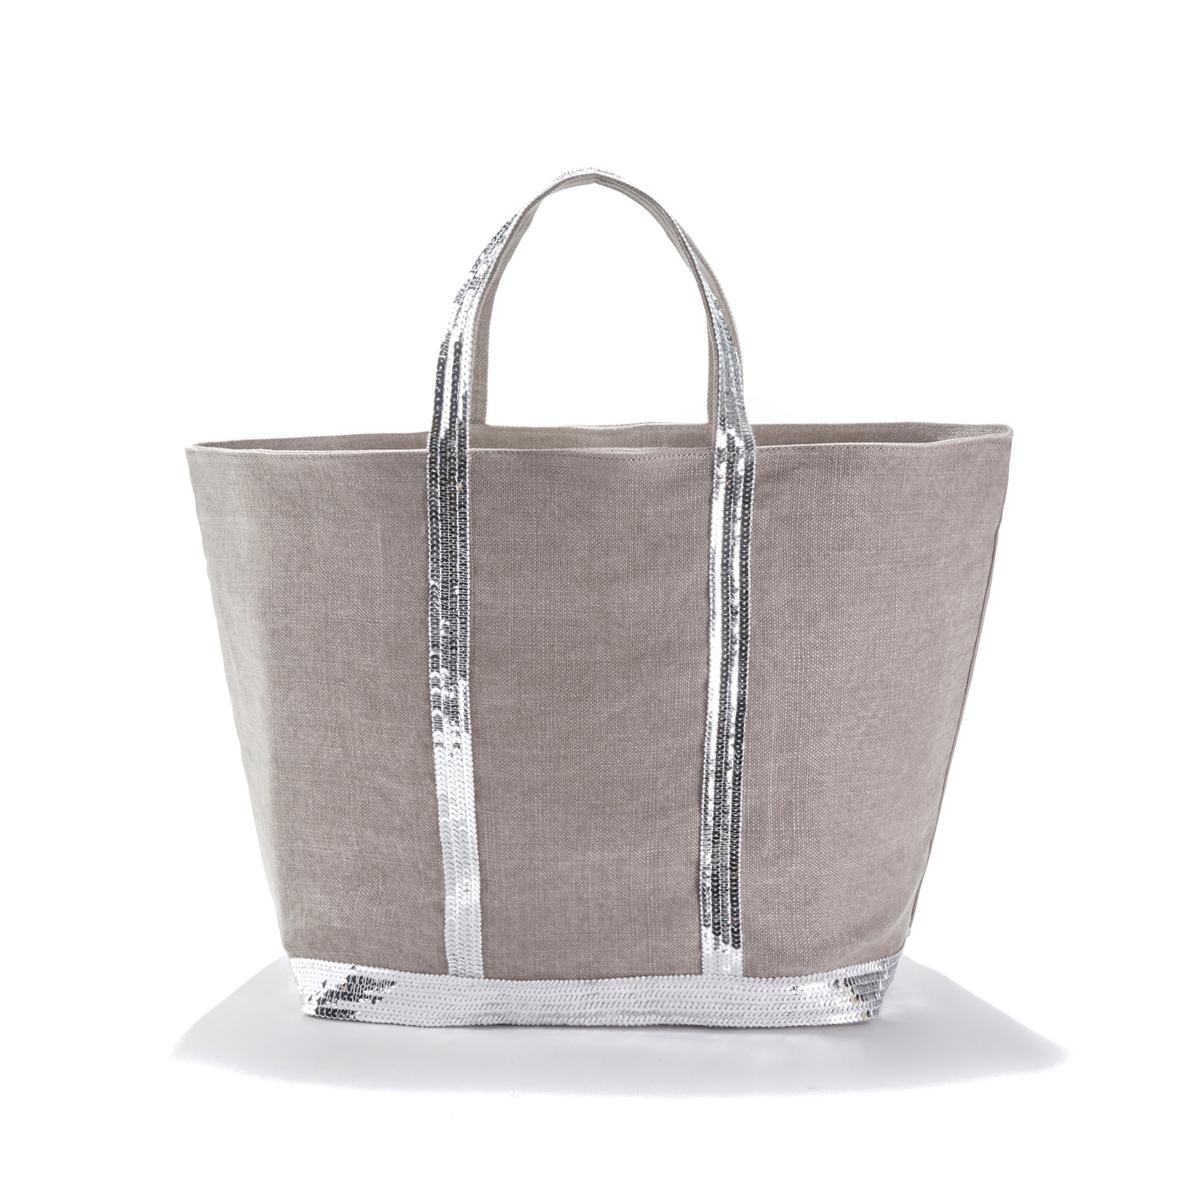 Фото - Сумка-шоппер La Redoute Среднего размера из льна с блестками единый размер серый сумка шоппер средняя из парусины с блестками